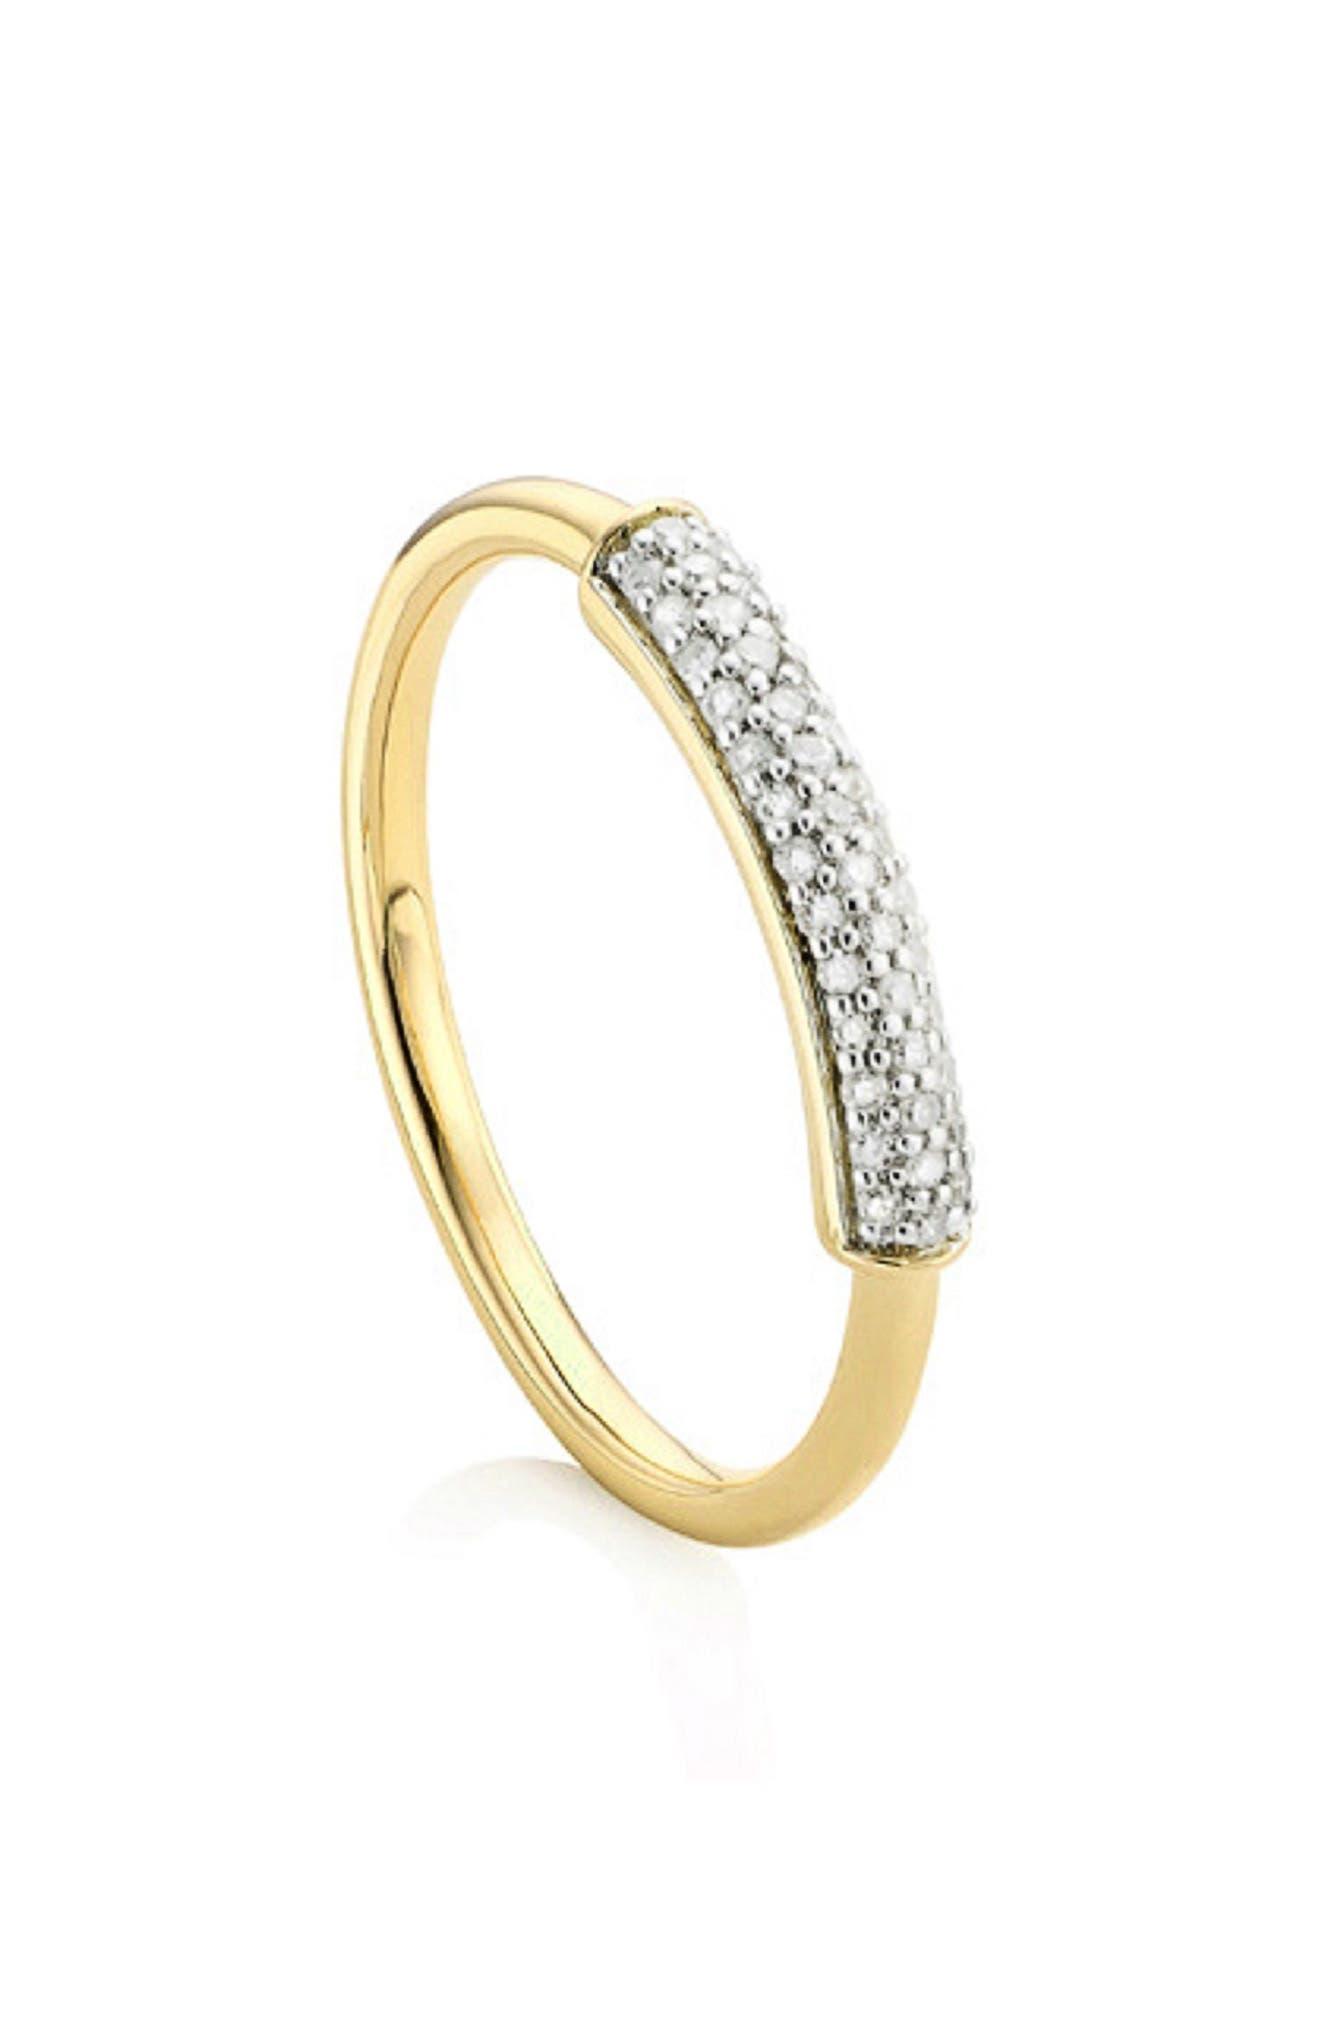 MONICA VINADER, Stellar Diamond Band Ring, Main thumbnail 1, color, GOLD